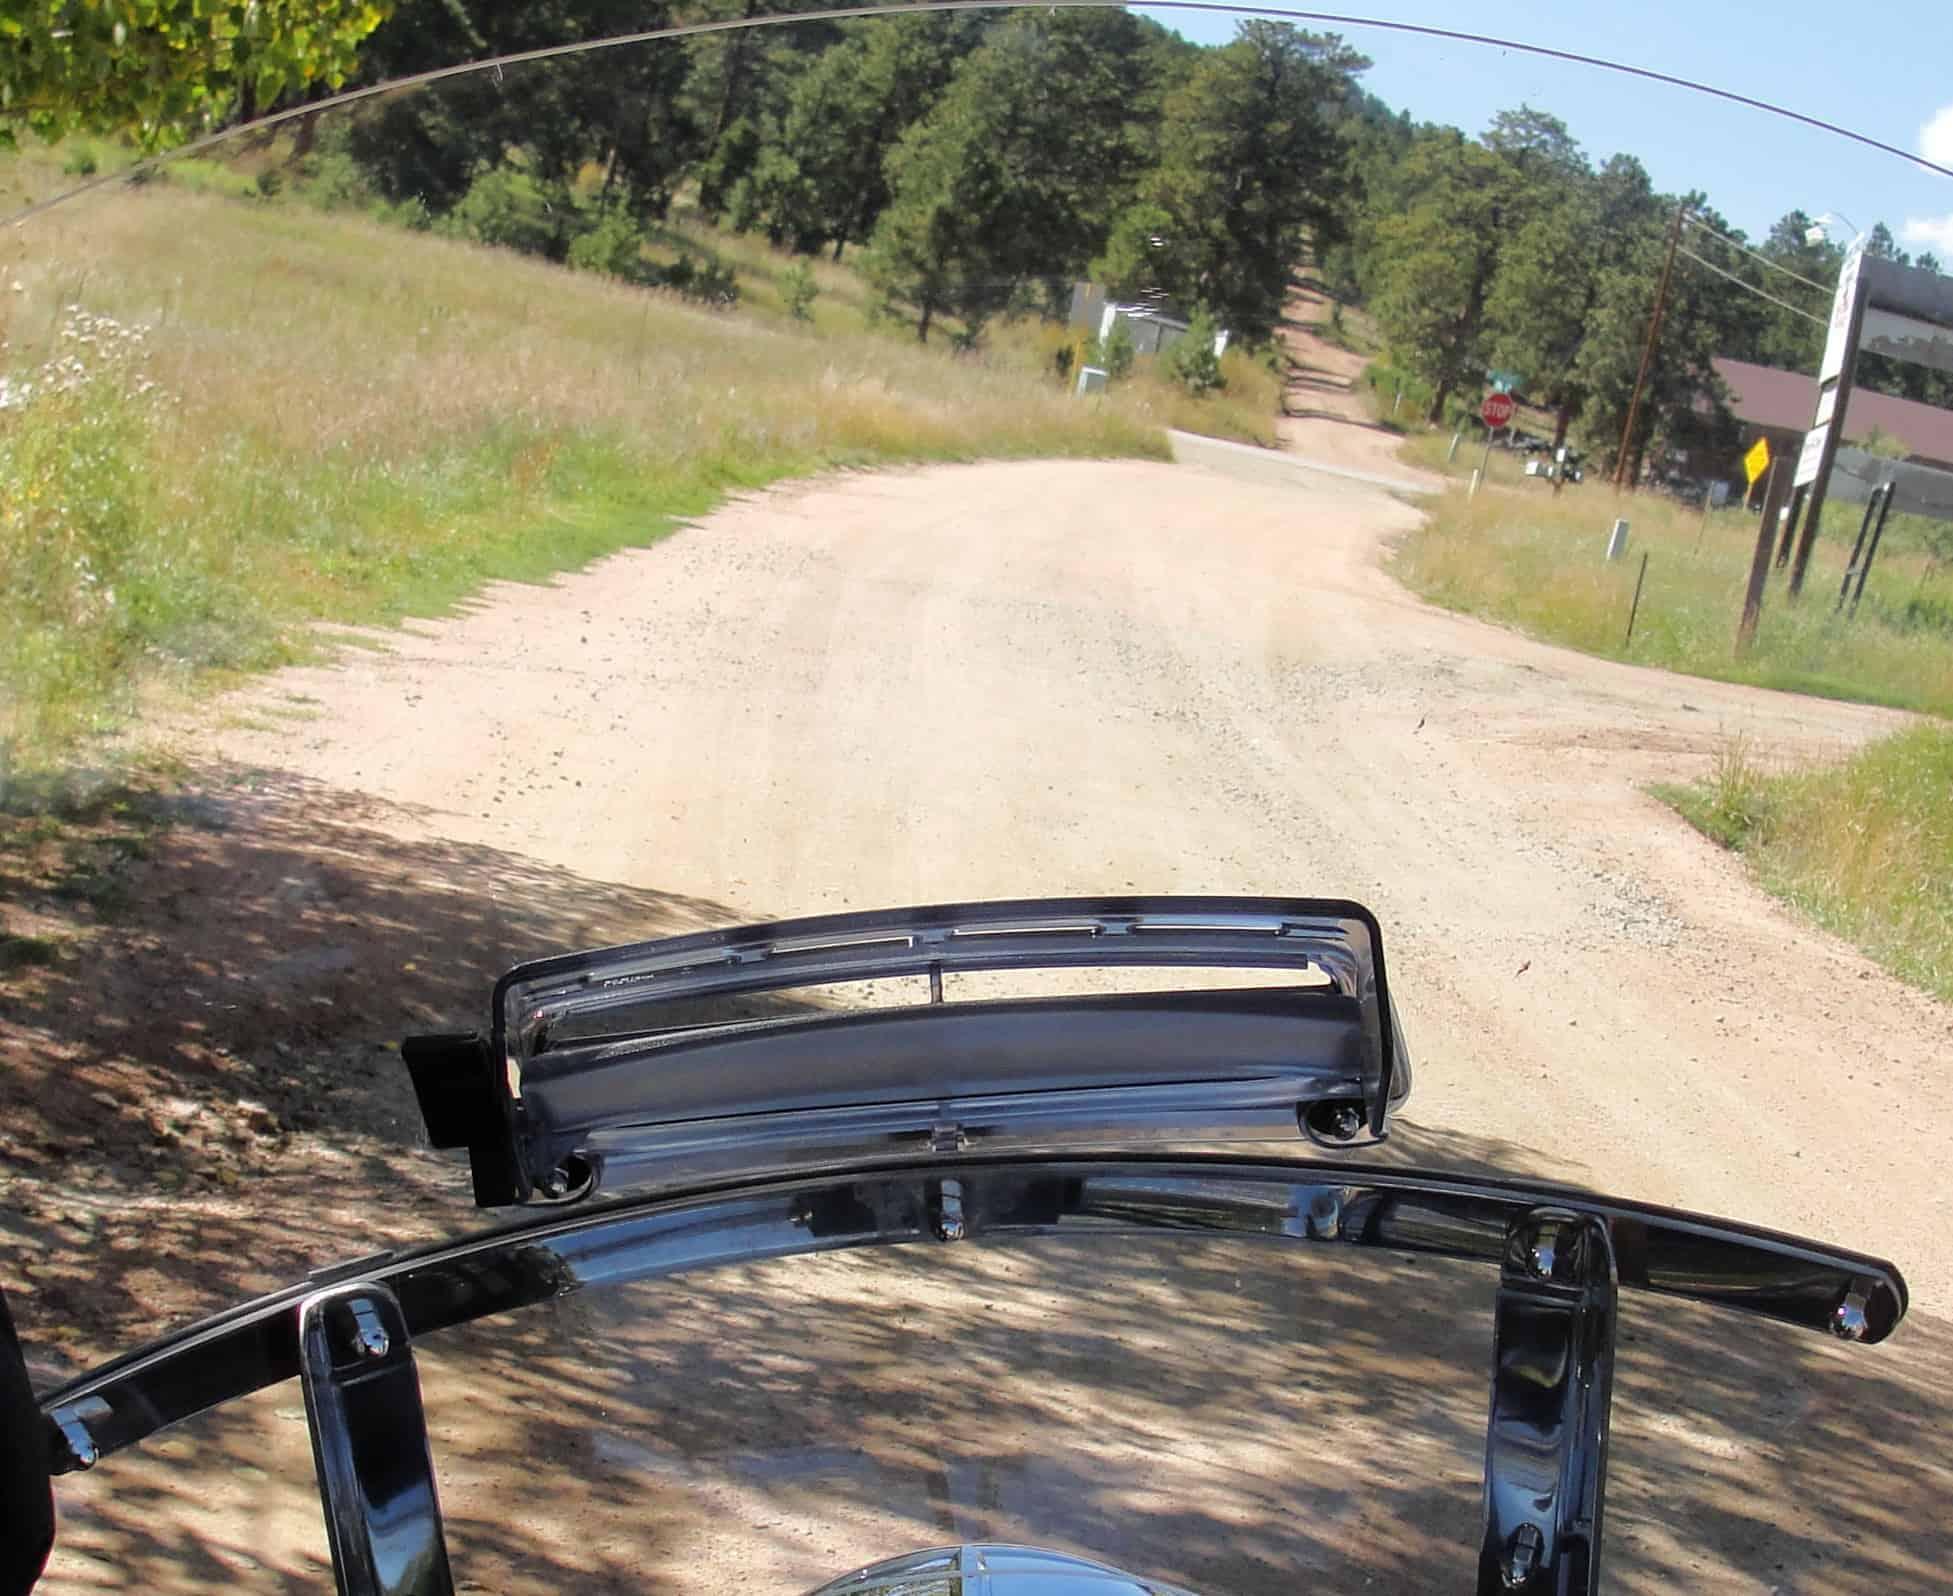 Harley Davidson | Freewheeler | 2015 - Later